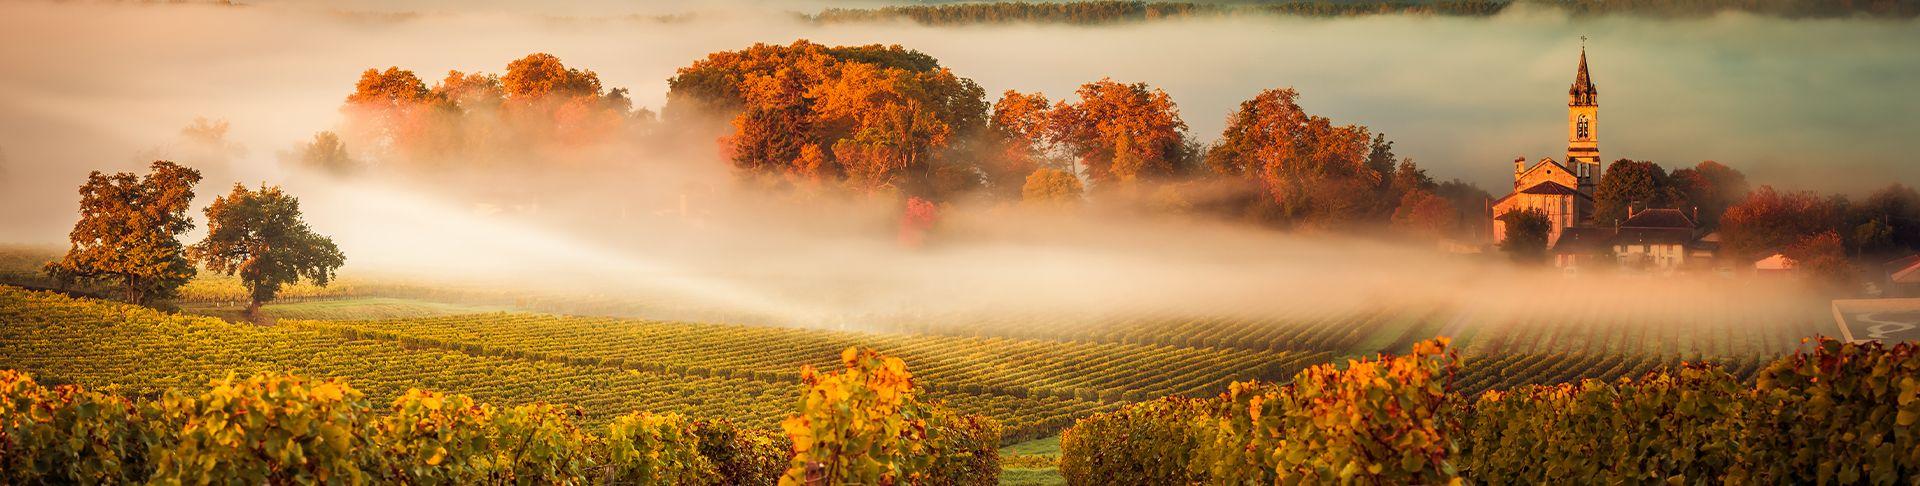 Bordeaux | Vente en Ligne | Vins